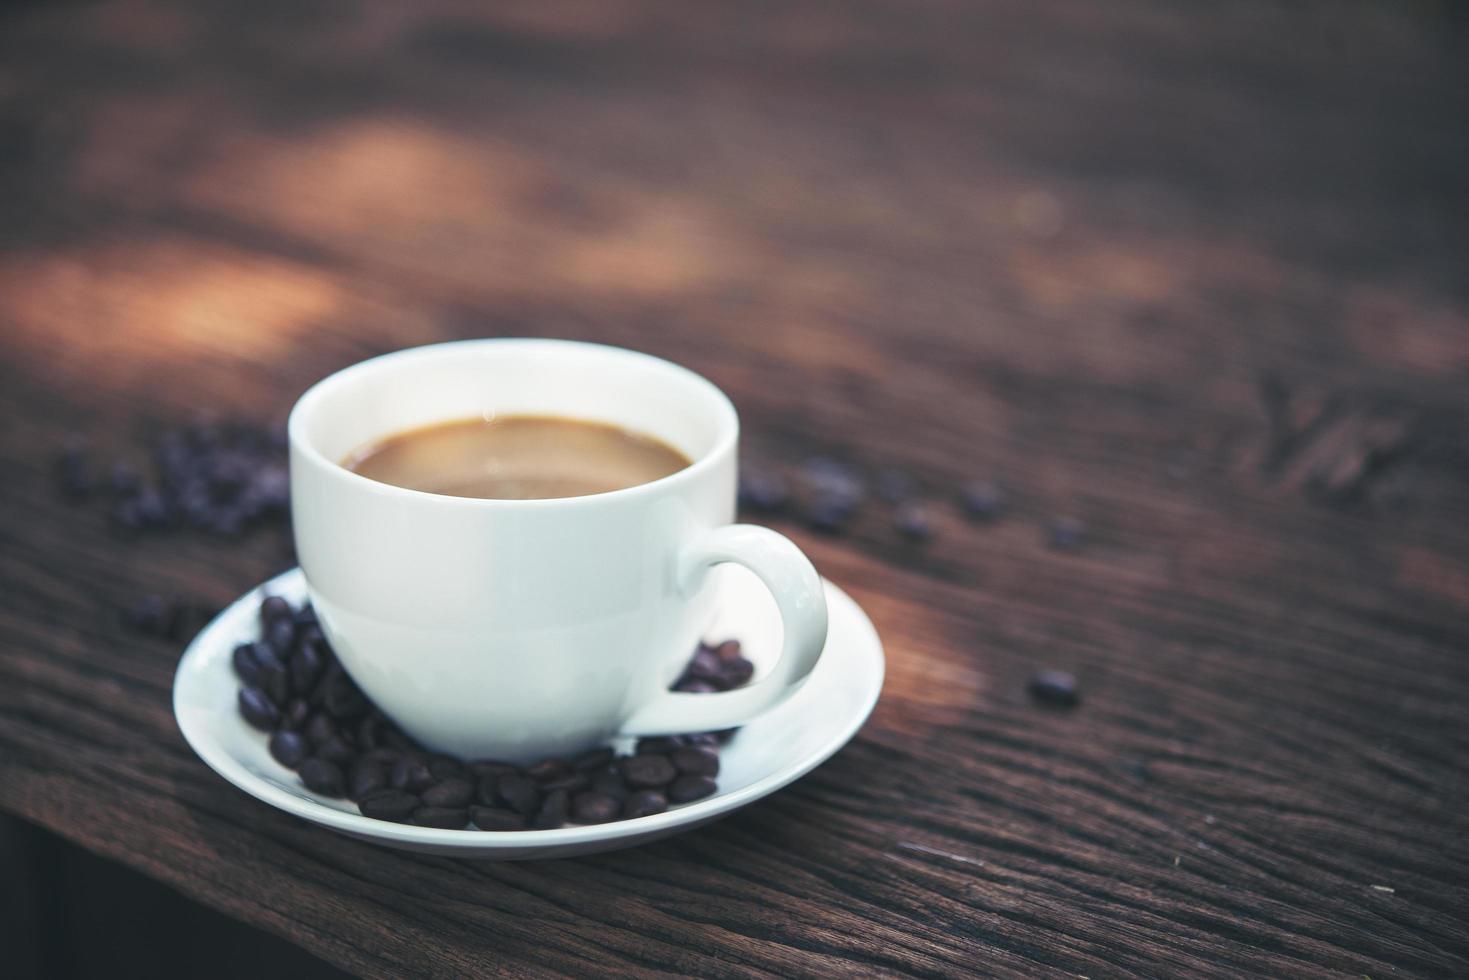 närbild av en kopp kaffe med kaffebönor på träbord foto